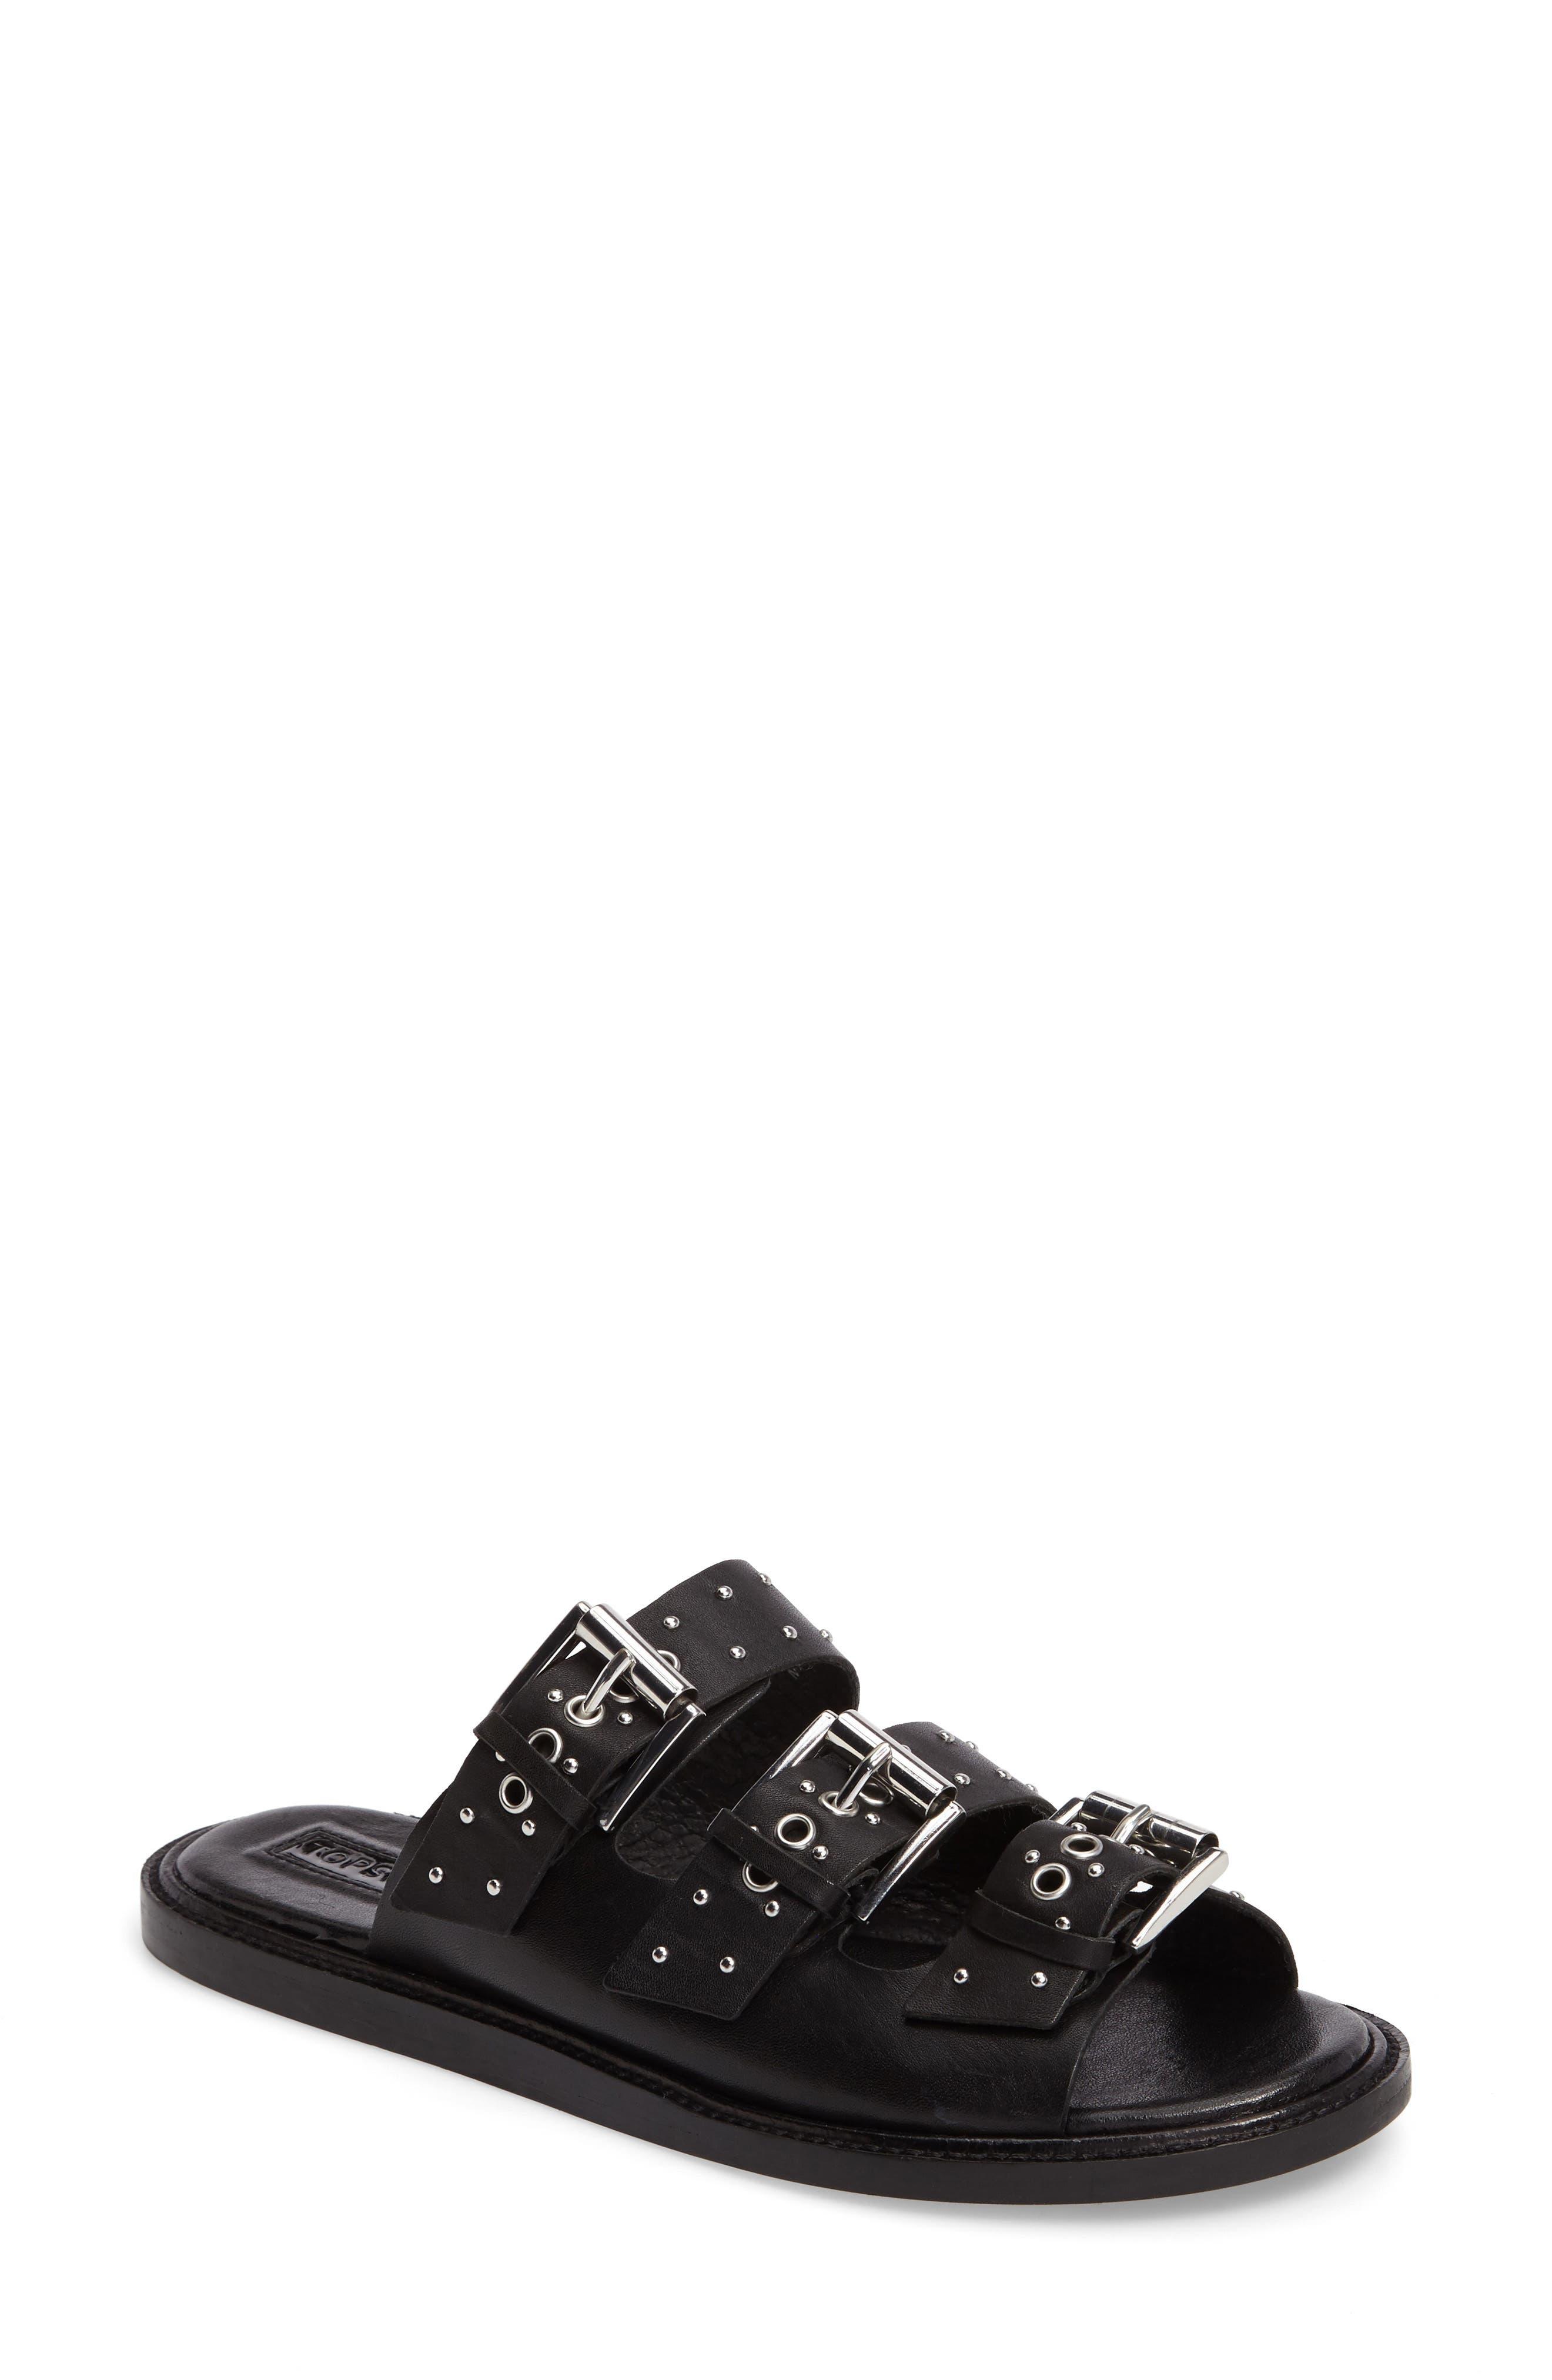 TOPSHOP Studded Sandal